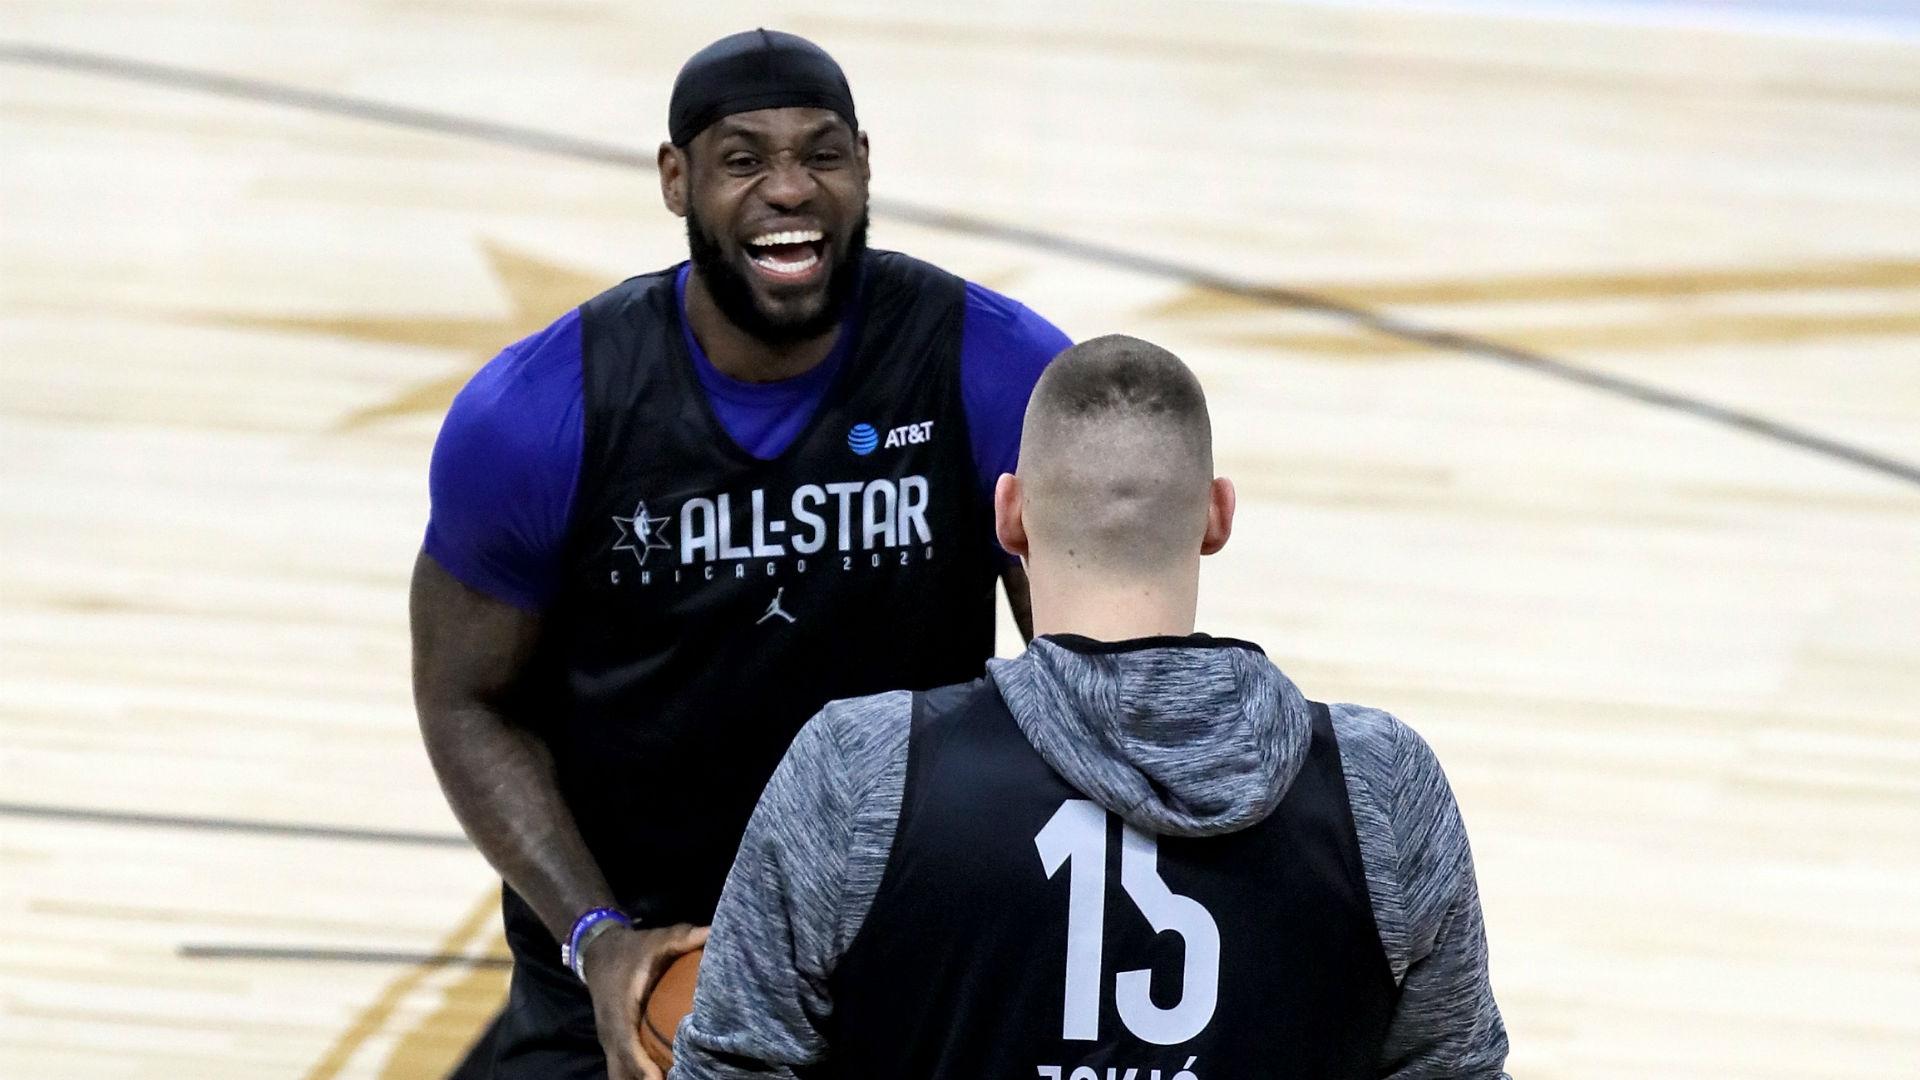 Marcador en vivo de la NBA All-Star Game 2020, actualizaciones, aspectos destacados del Team LeBron vs. Team Giannis 2